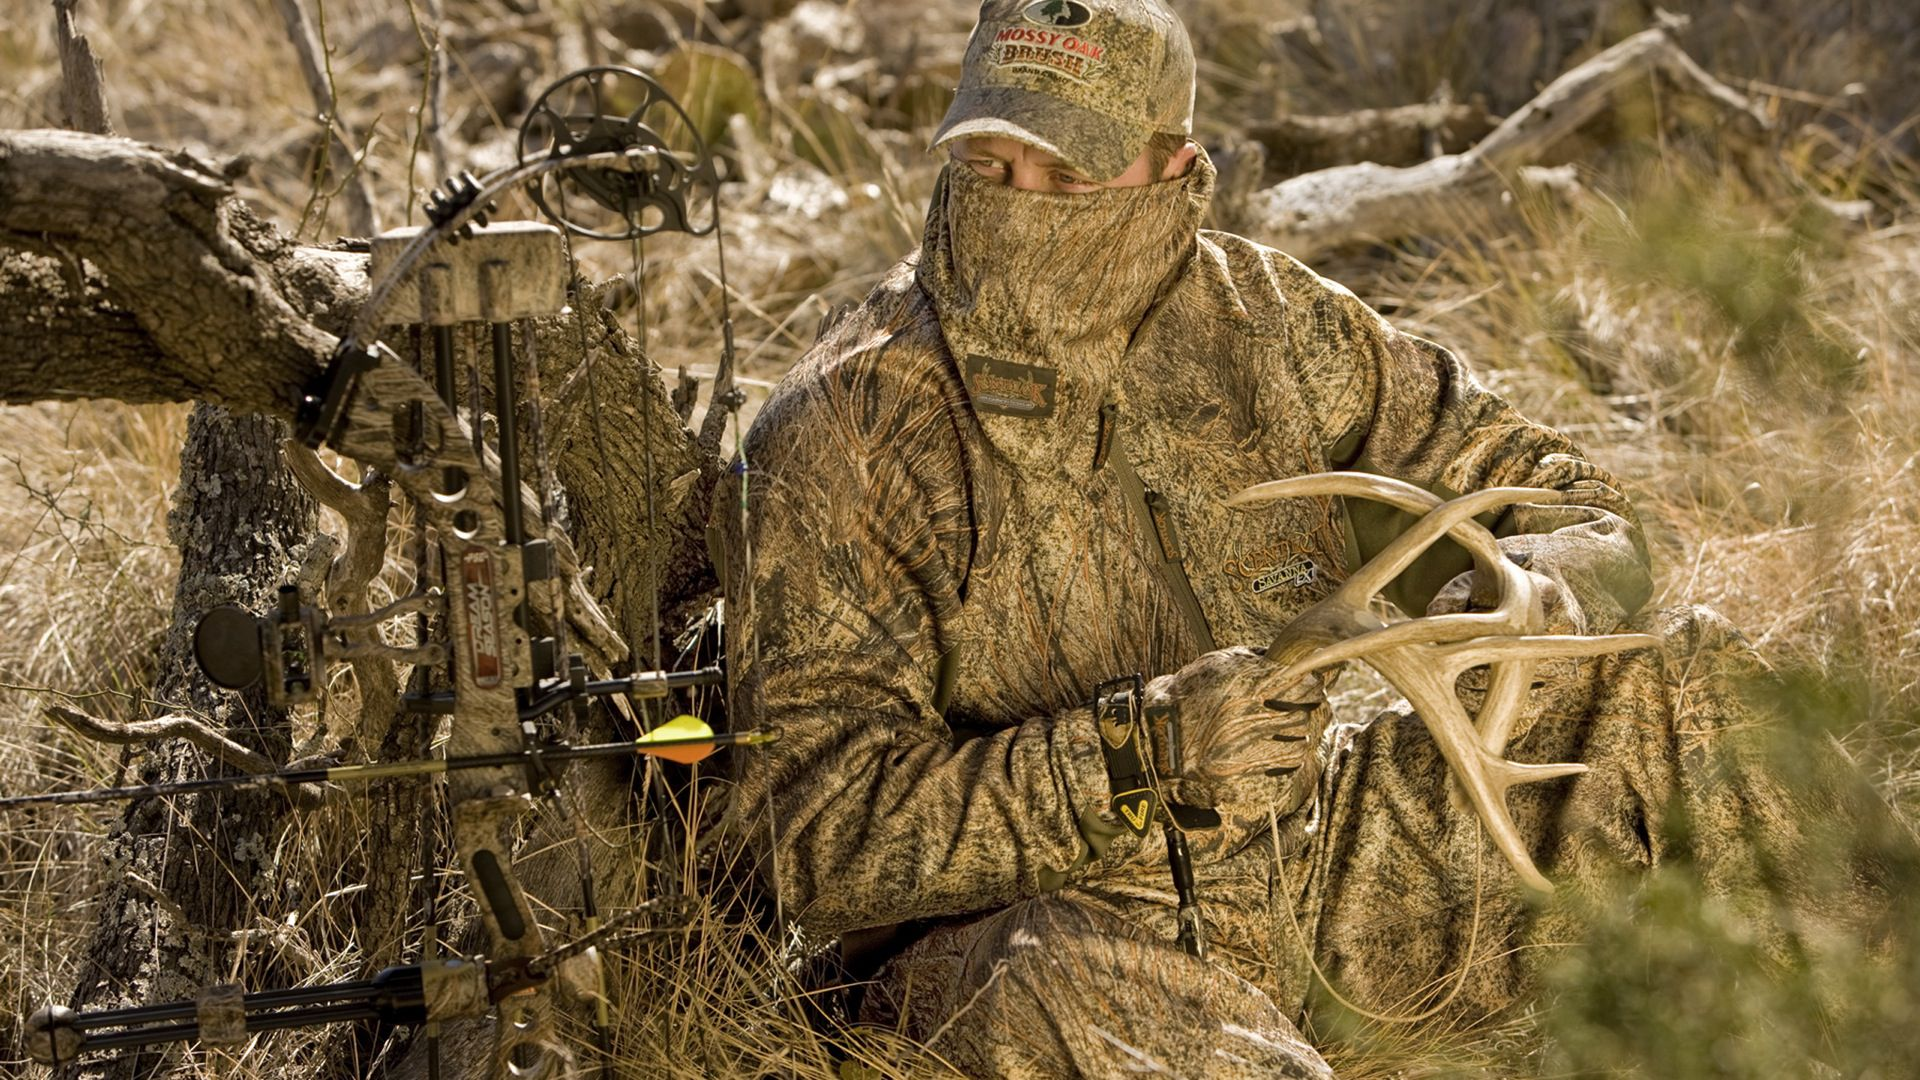 Hunting Camo Wallpaper Wallpapersafari